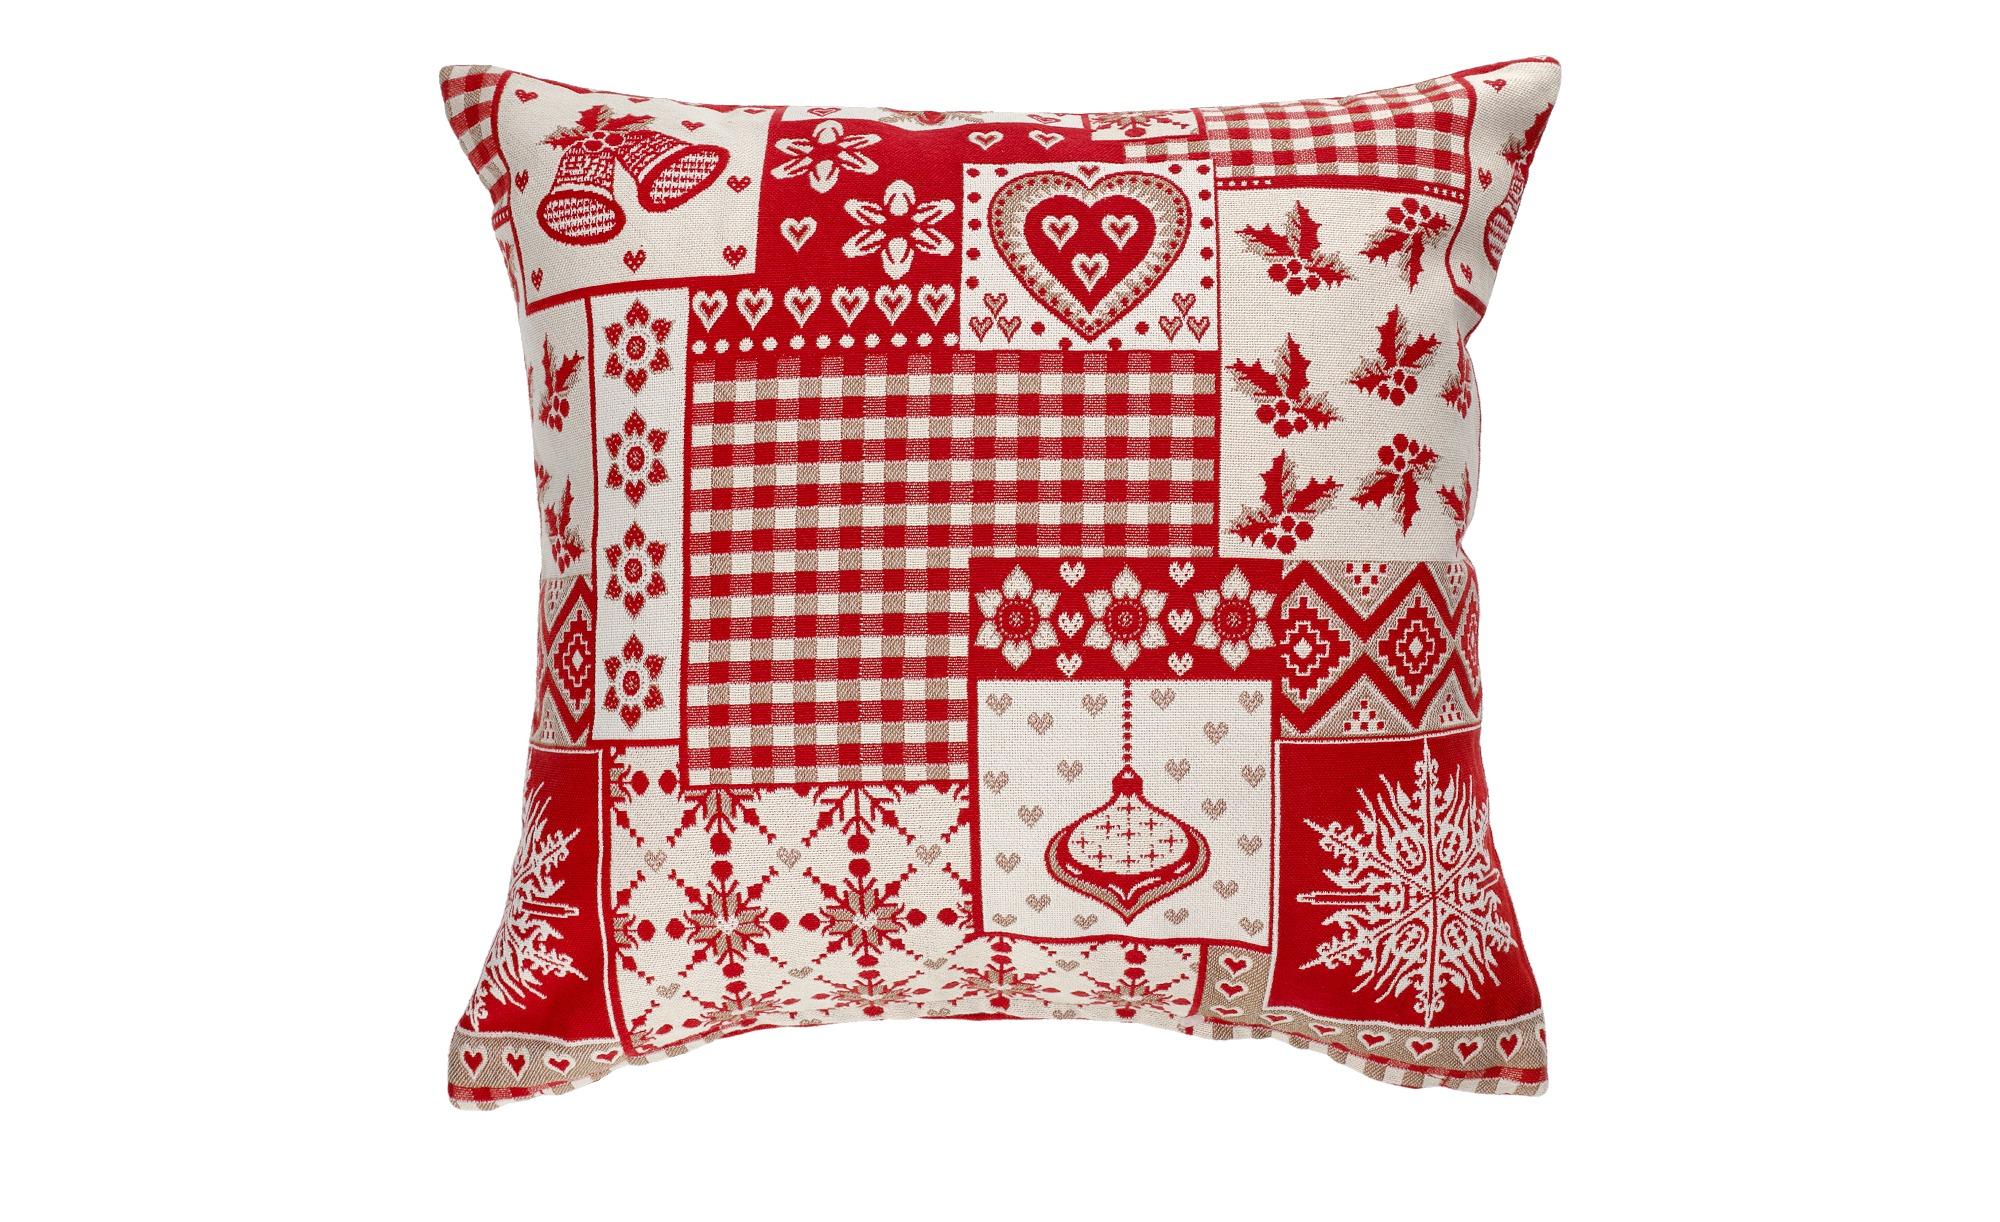 LAVIDA Kissen  Weihnachtspatch ¦ rot ¦ 100% Polyesterfüllung  ¦ Maße (cm): B: 40 Heimtextilien > Kissen > Dekokissen - Höffner